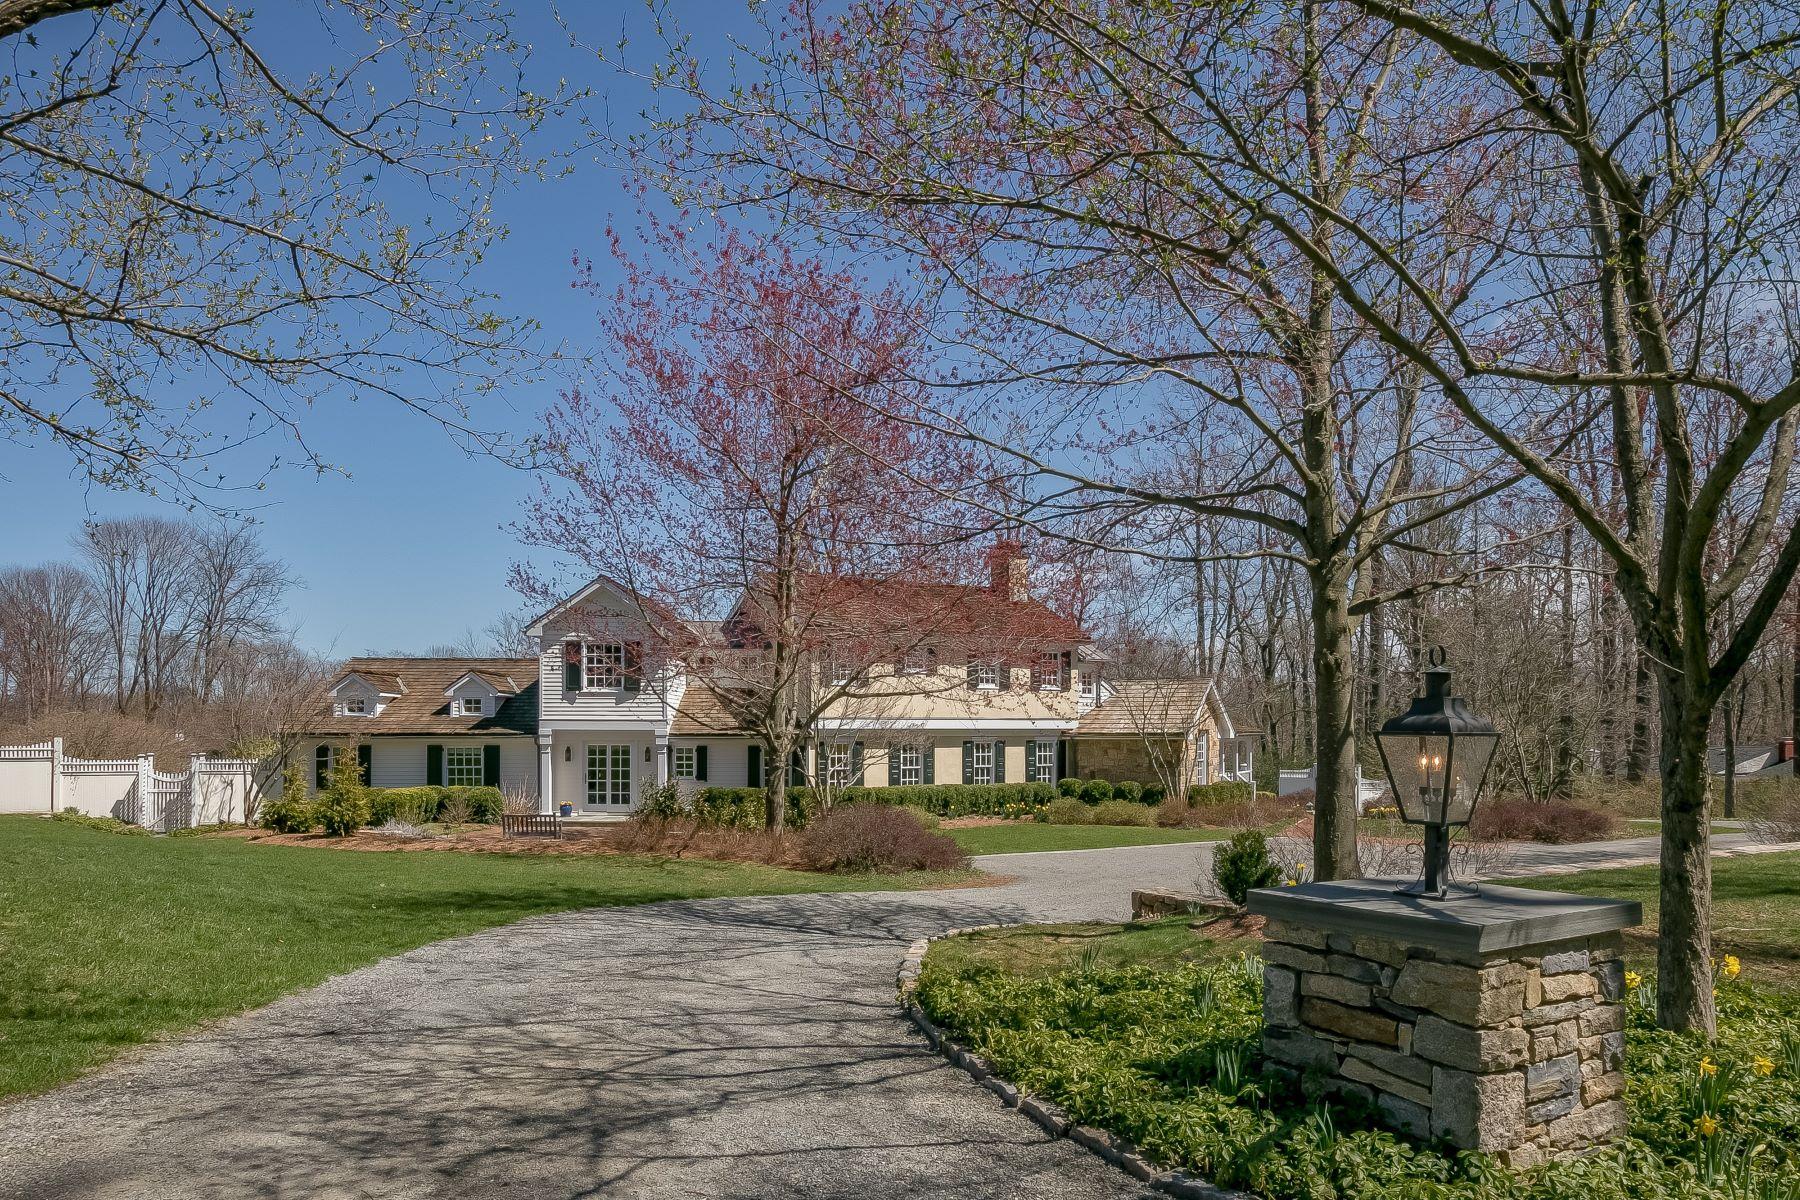 Tek Ailelik Ev için Satış at Classic Americana Meets Modern Design 8 Kennaday Road, Mendham, New Jersey 07945 Amerika Birleşik Devletleri